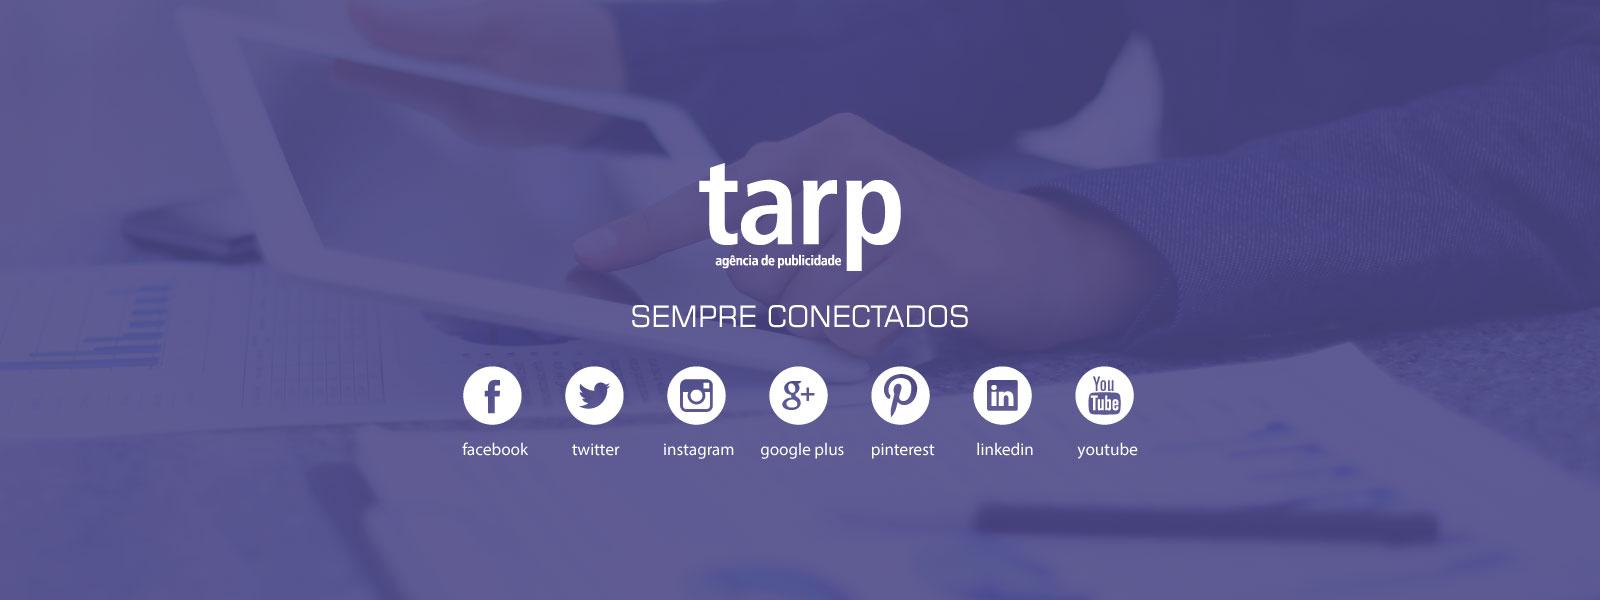 banner-tarp-02